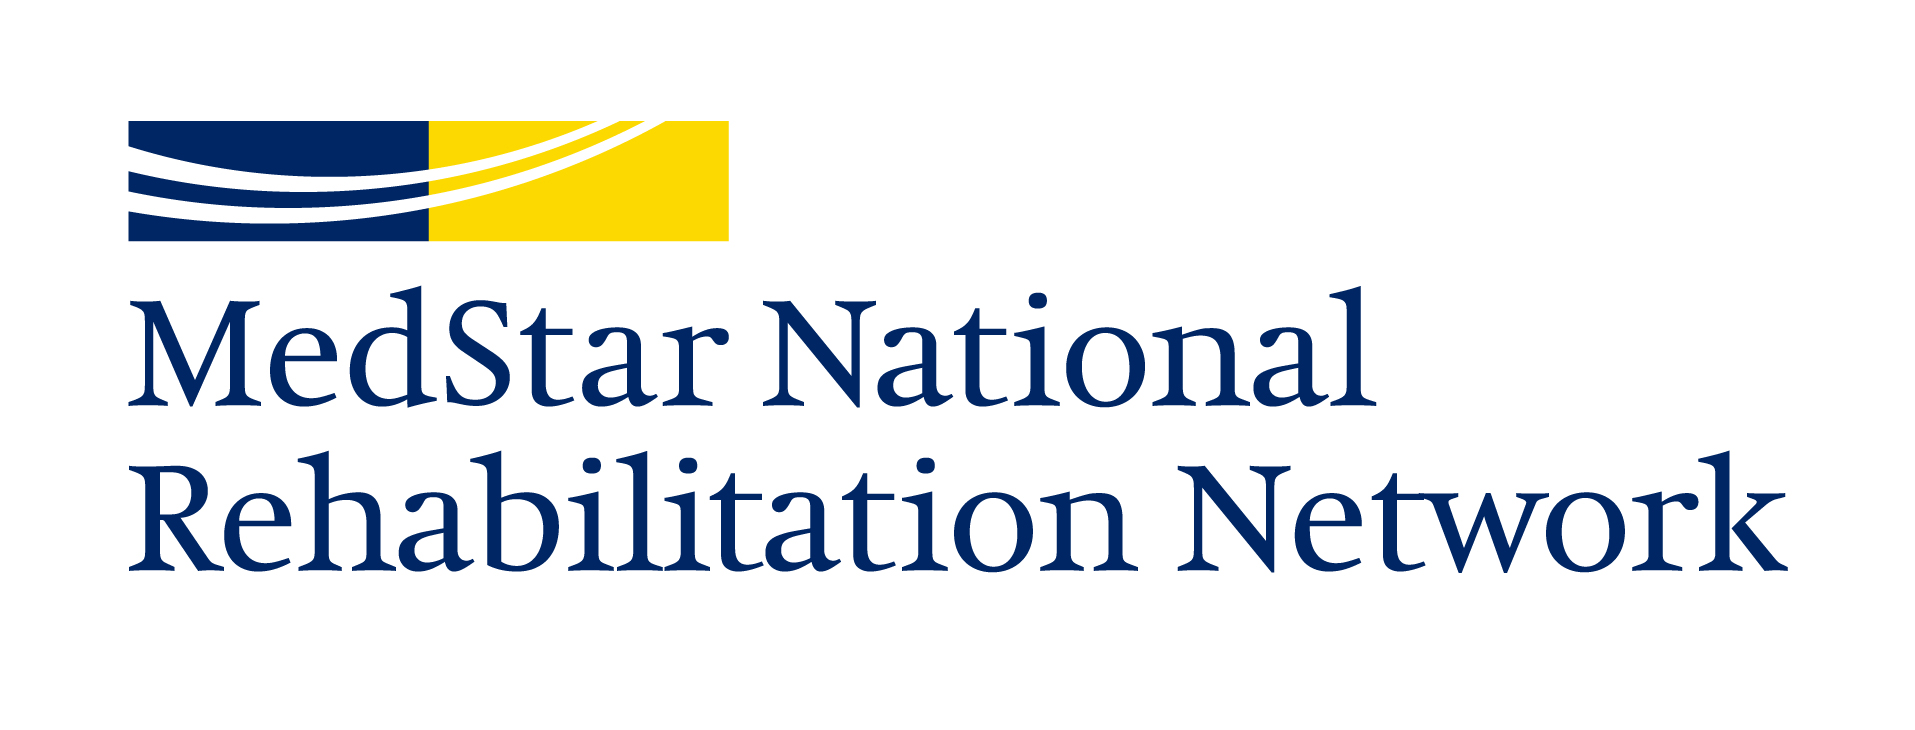 NRN_2C_Pos_V